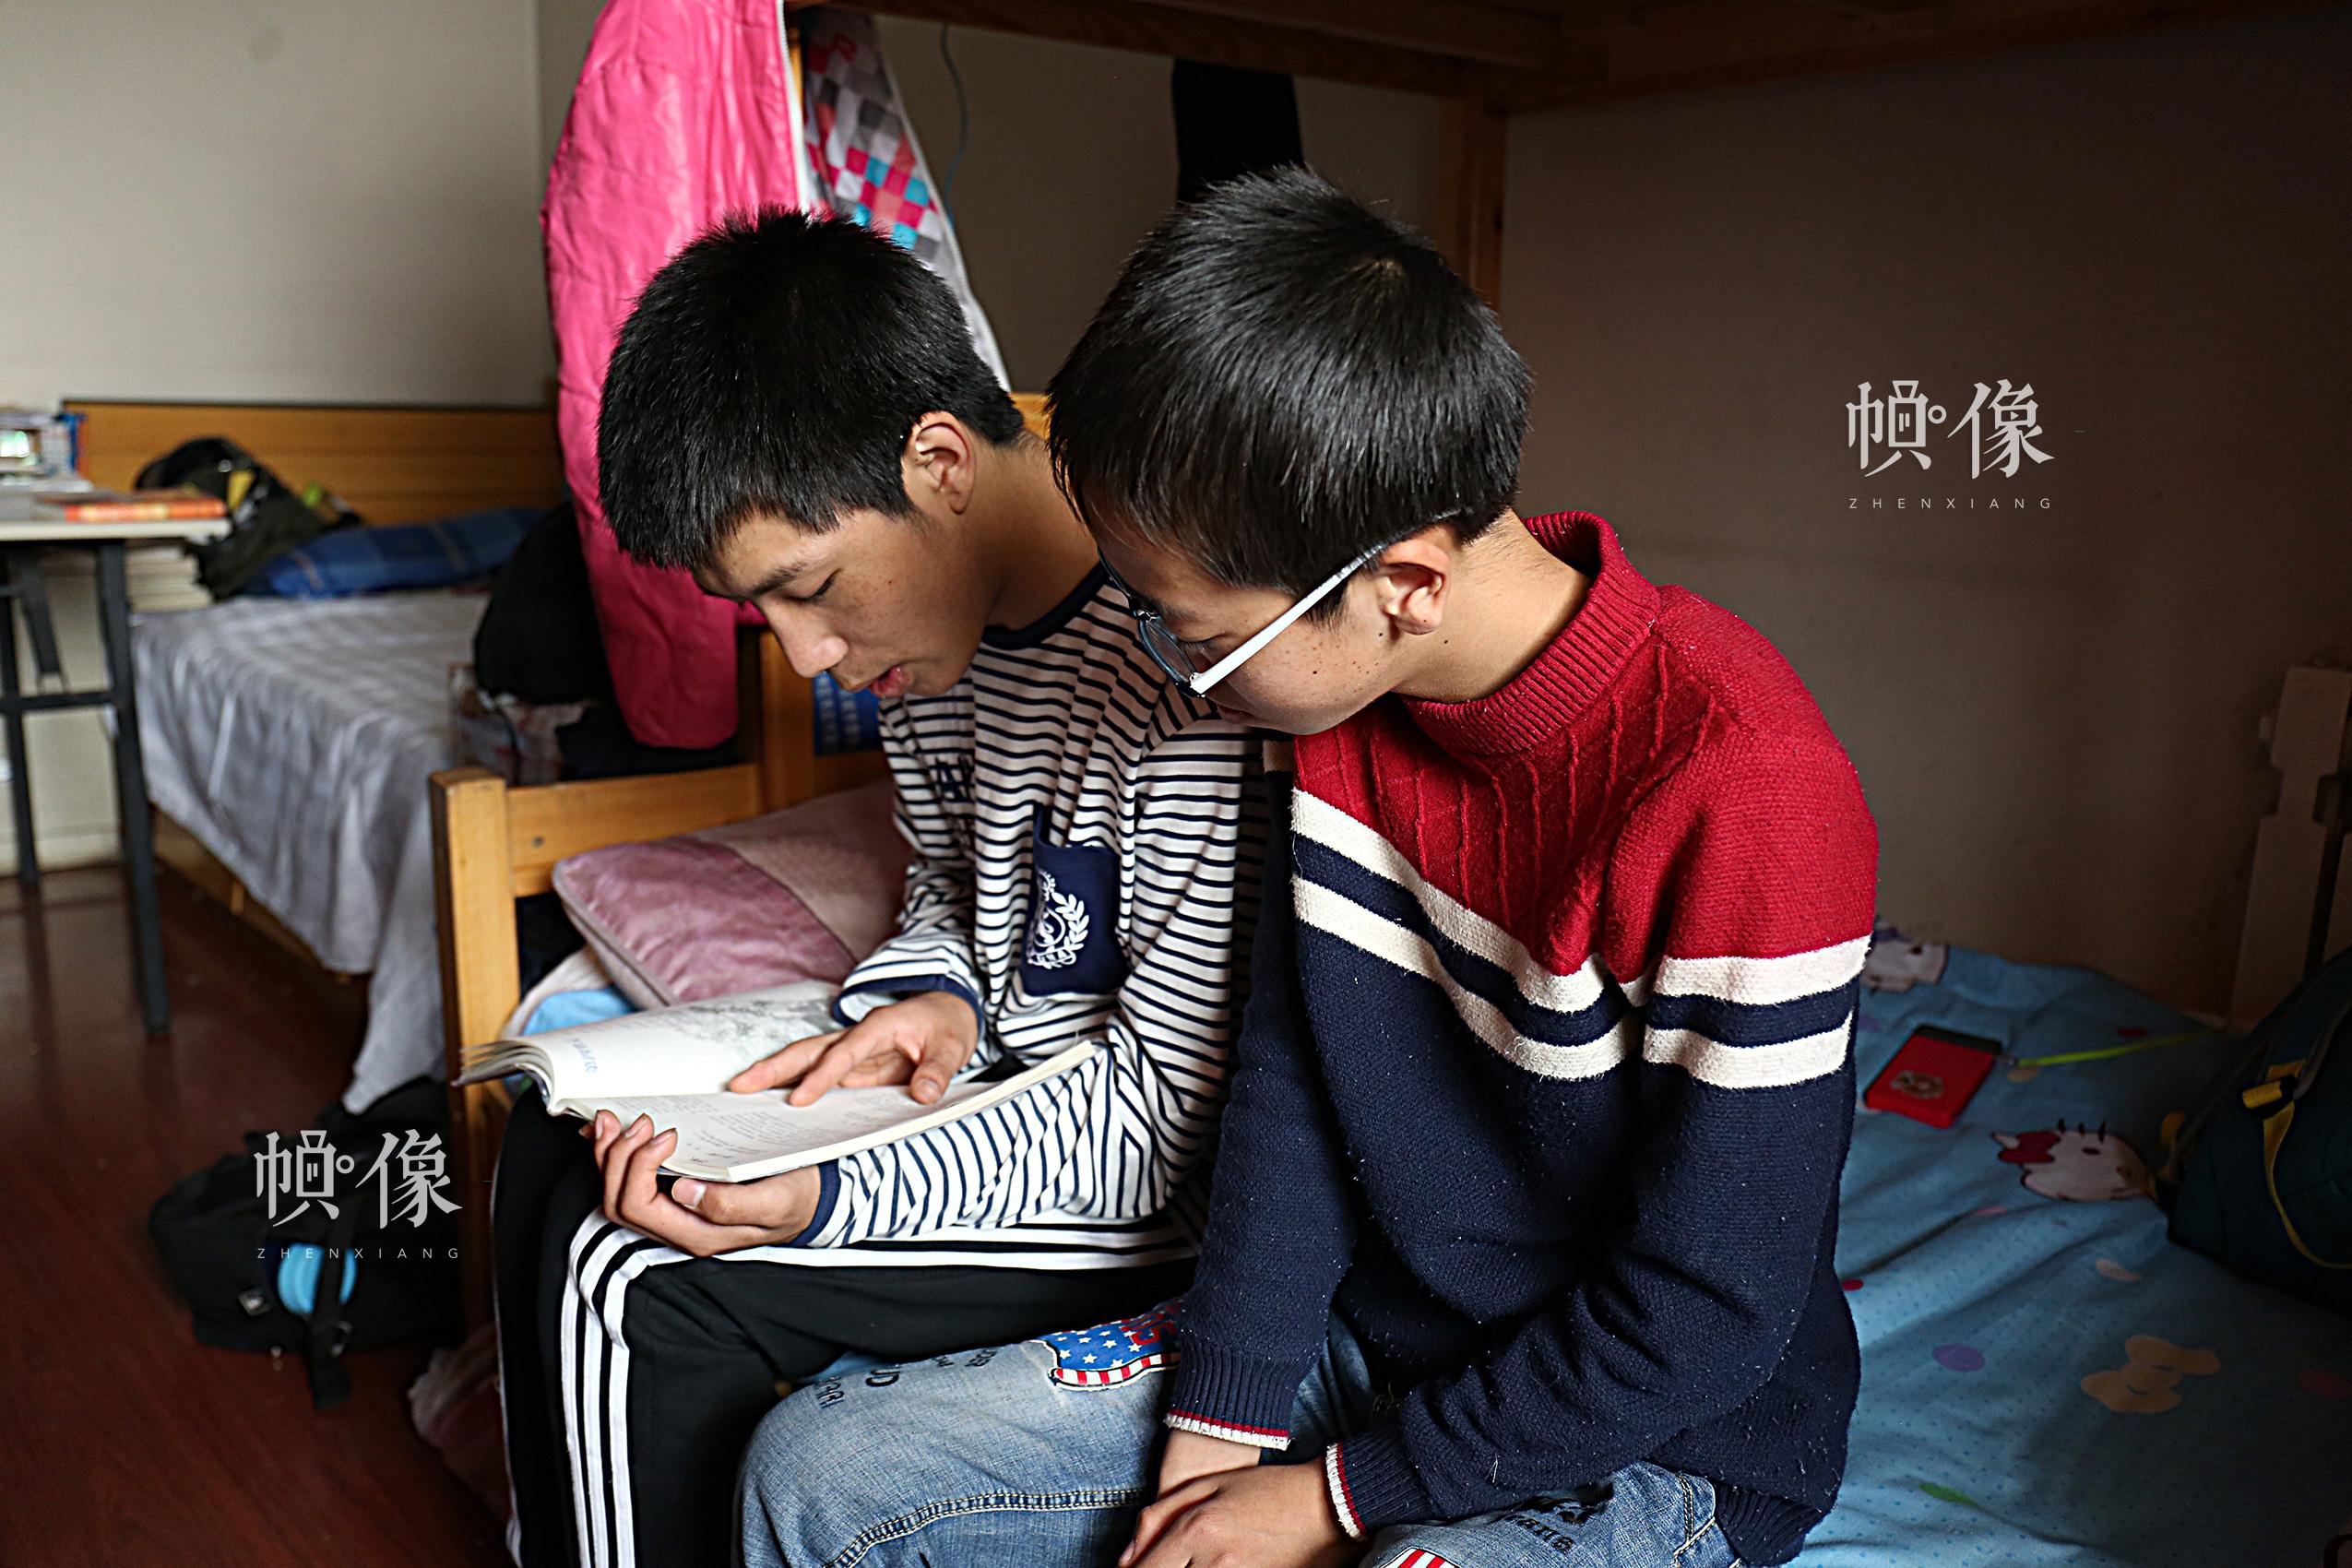 2017年4月9日,北京益童成长中心,两个玉树儿童在卧室学习。中国网记者 黄富友 摄